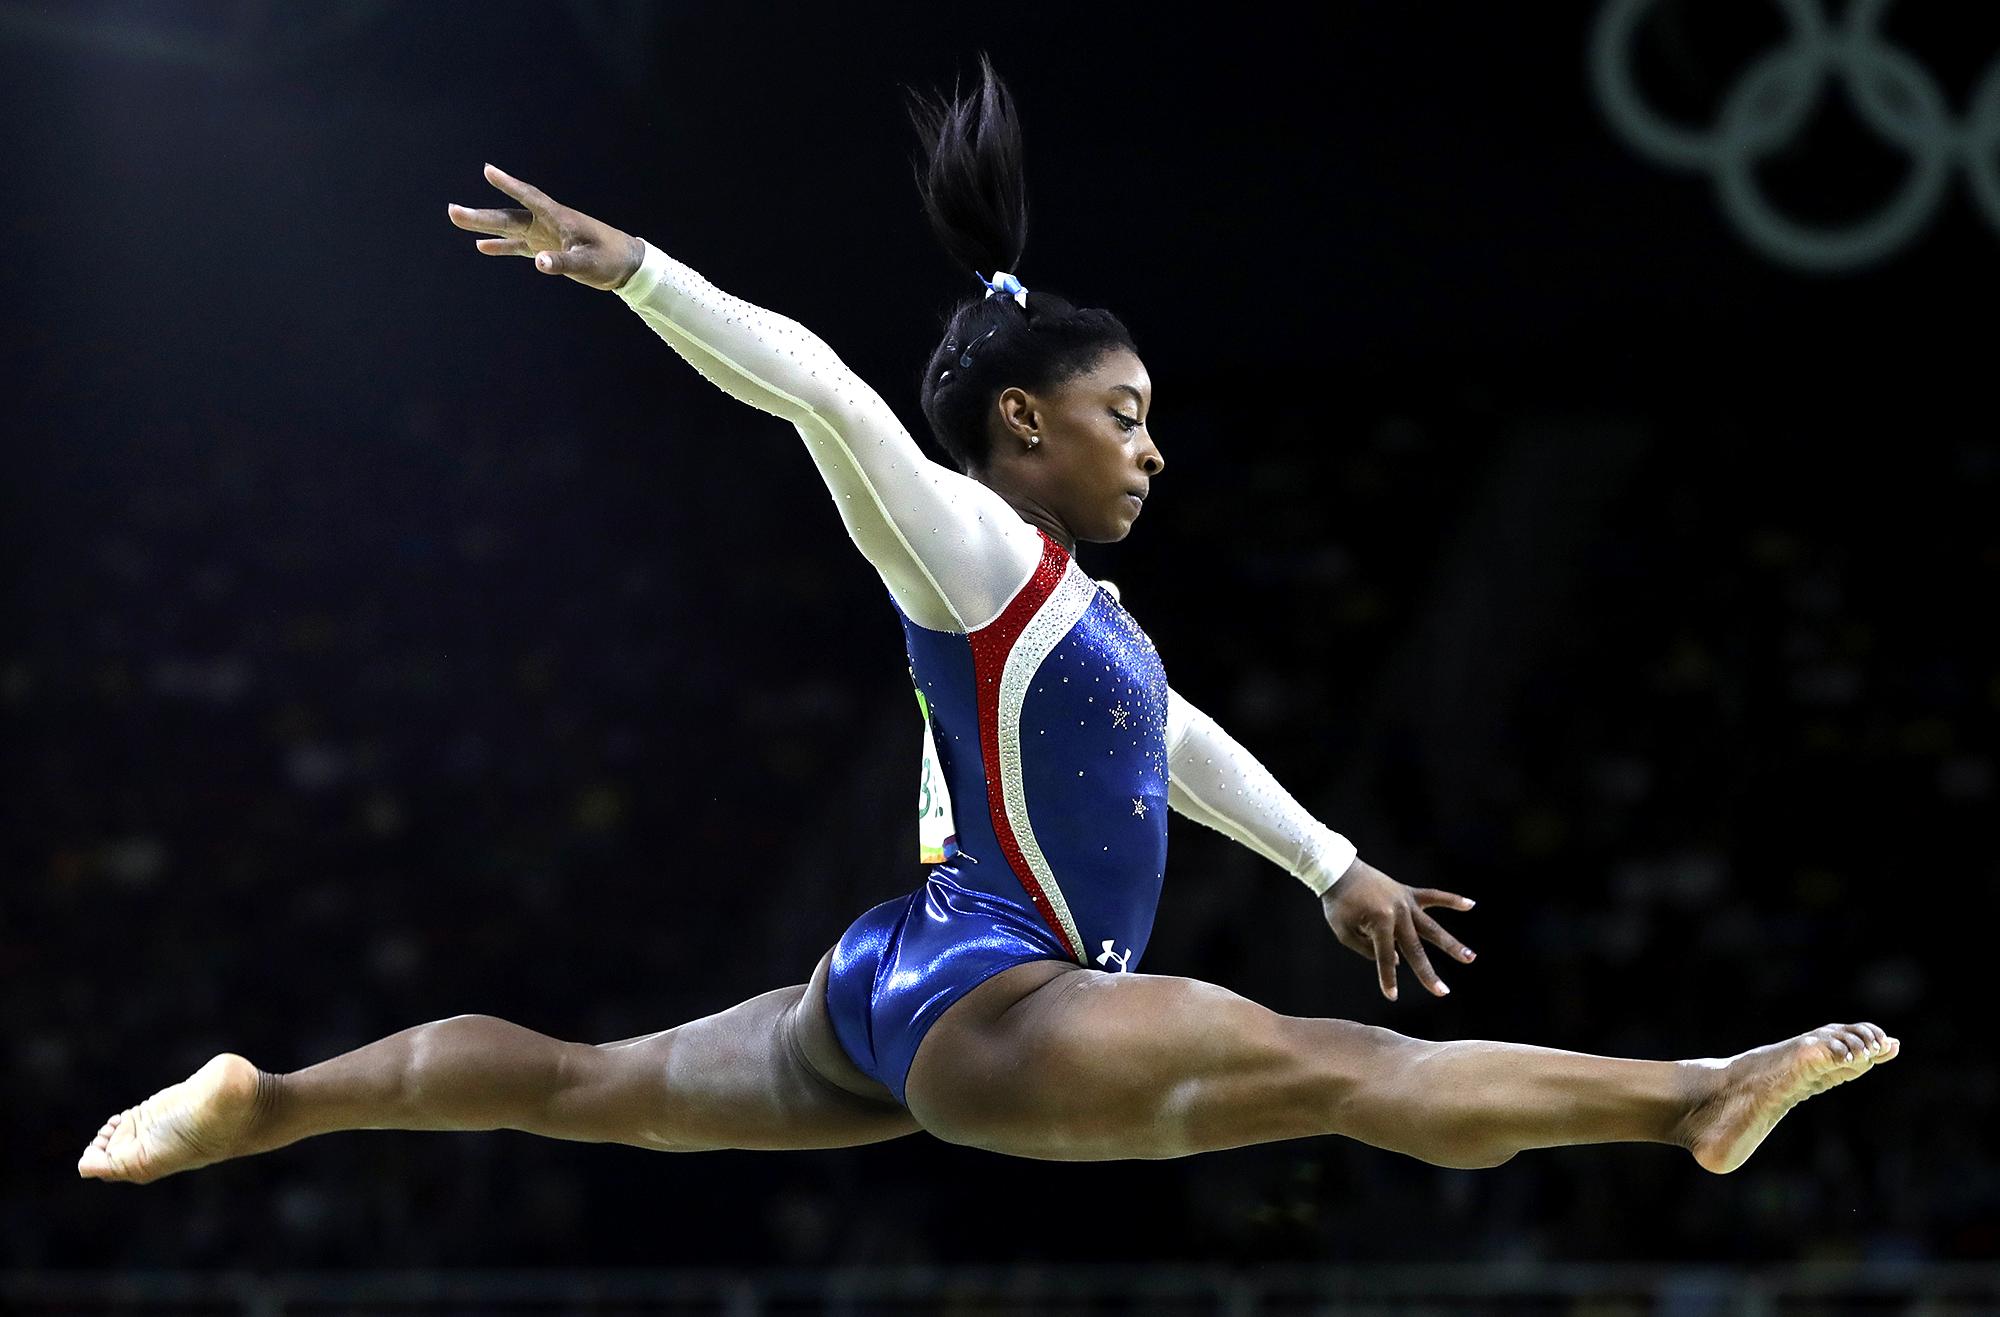 Rio Top Shots | ShareAmerica